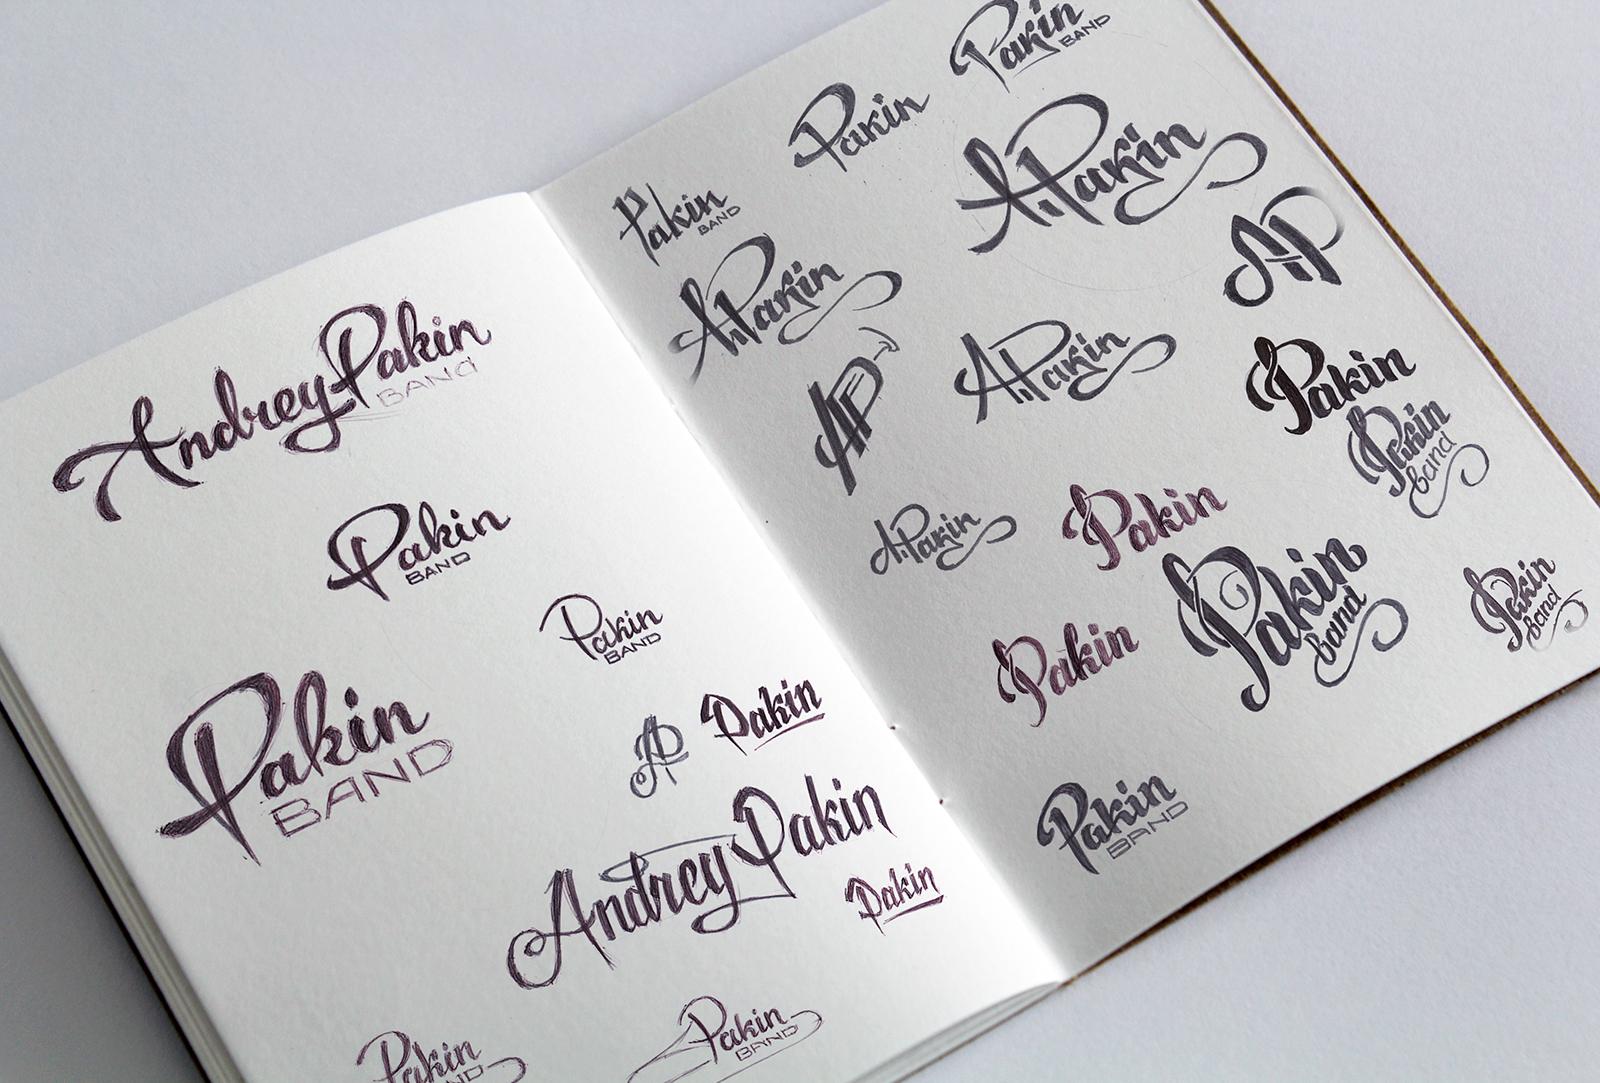 Набросок логотипа Андрей Пакин